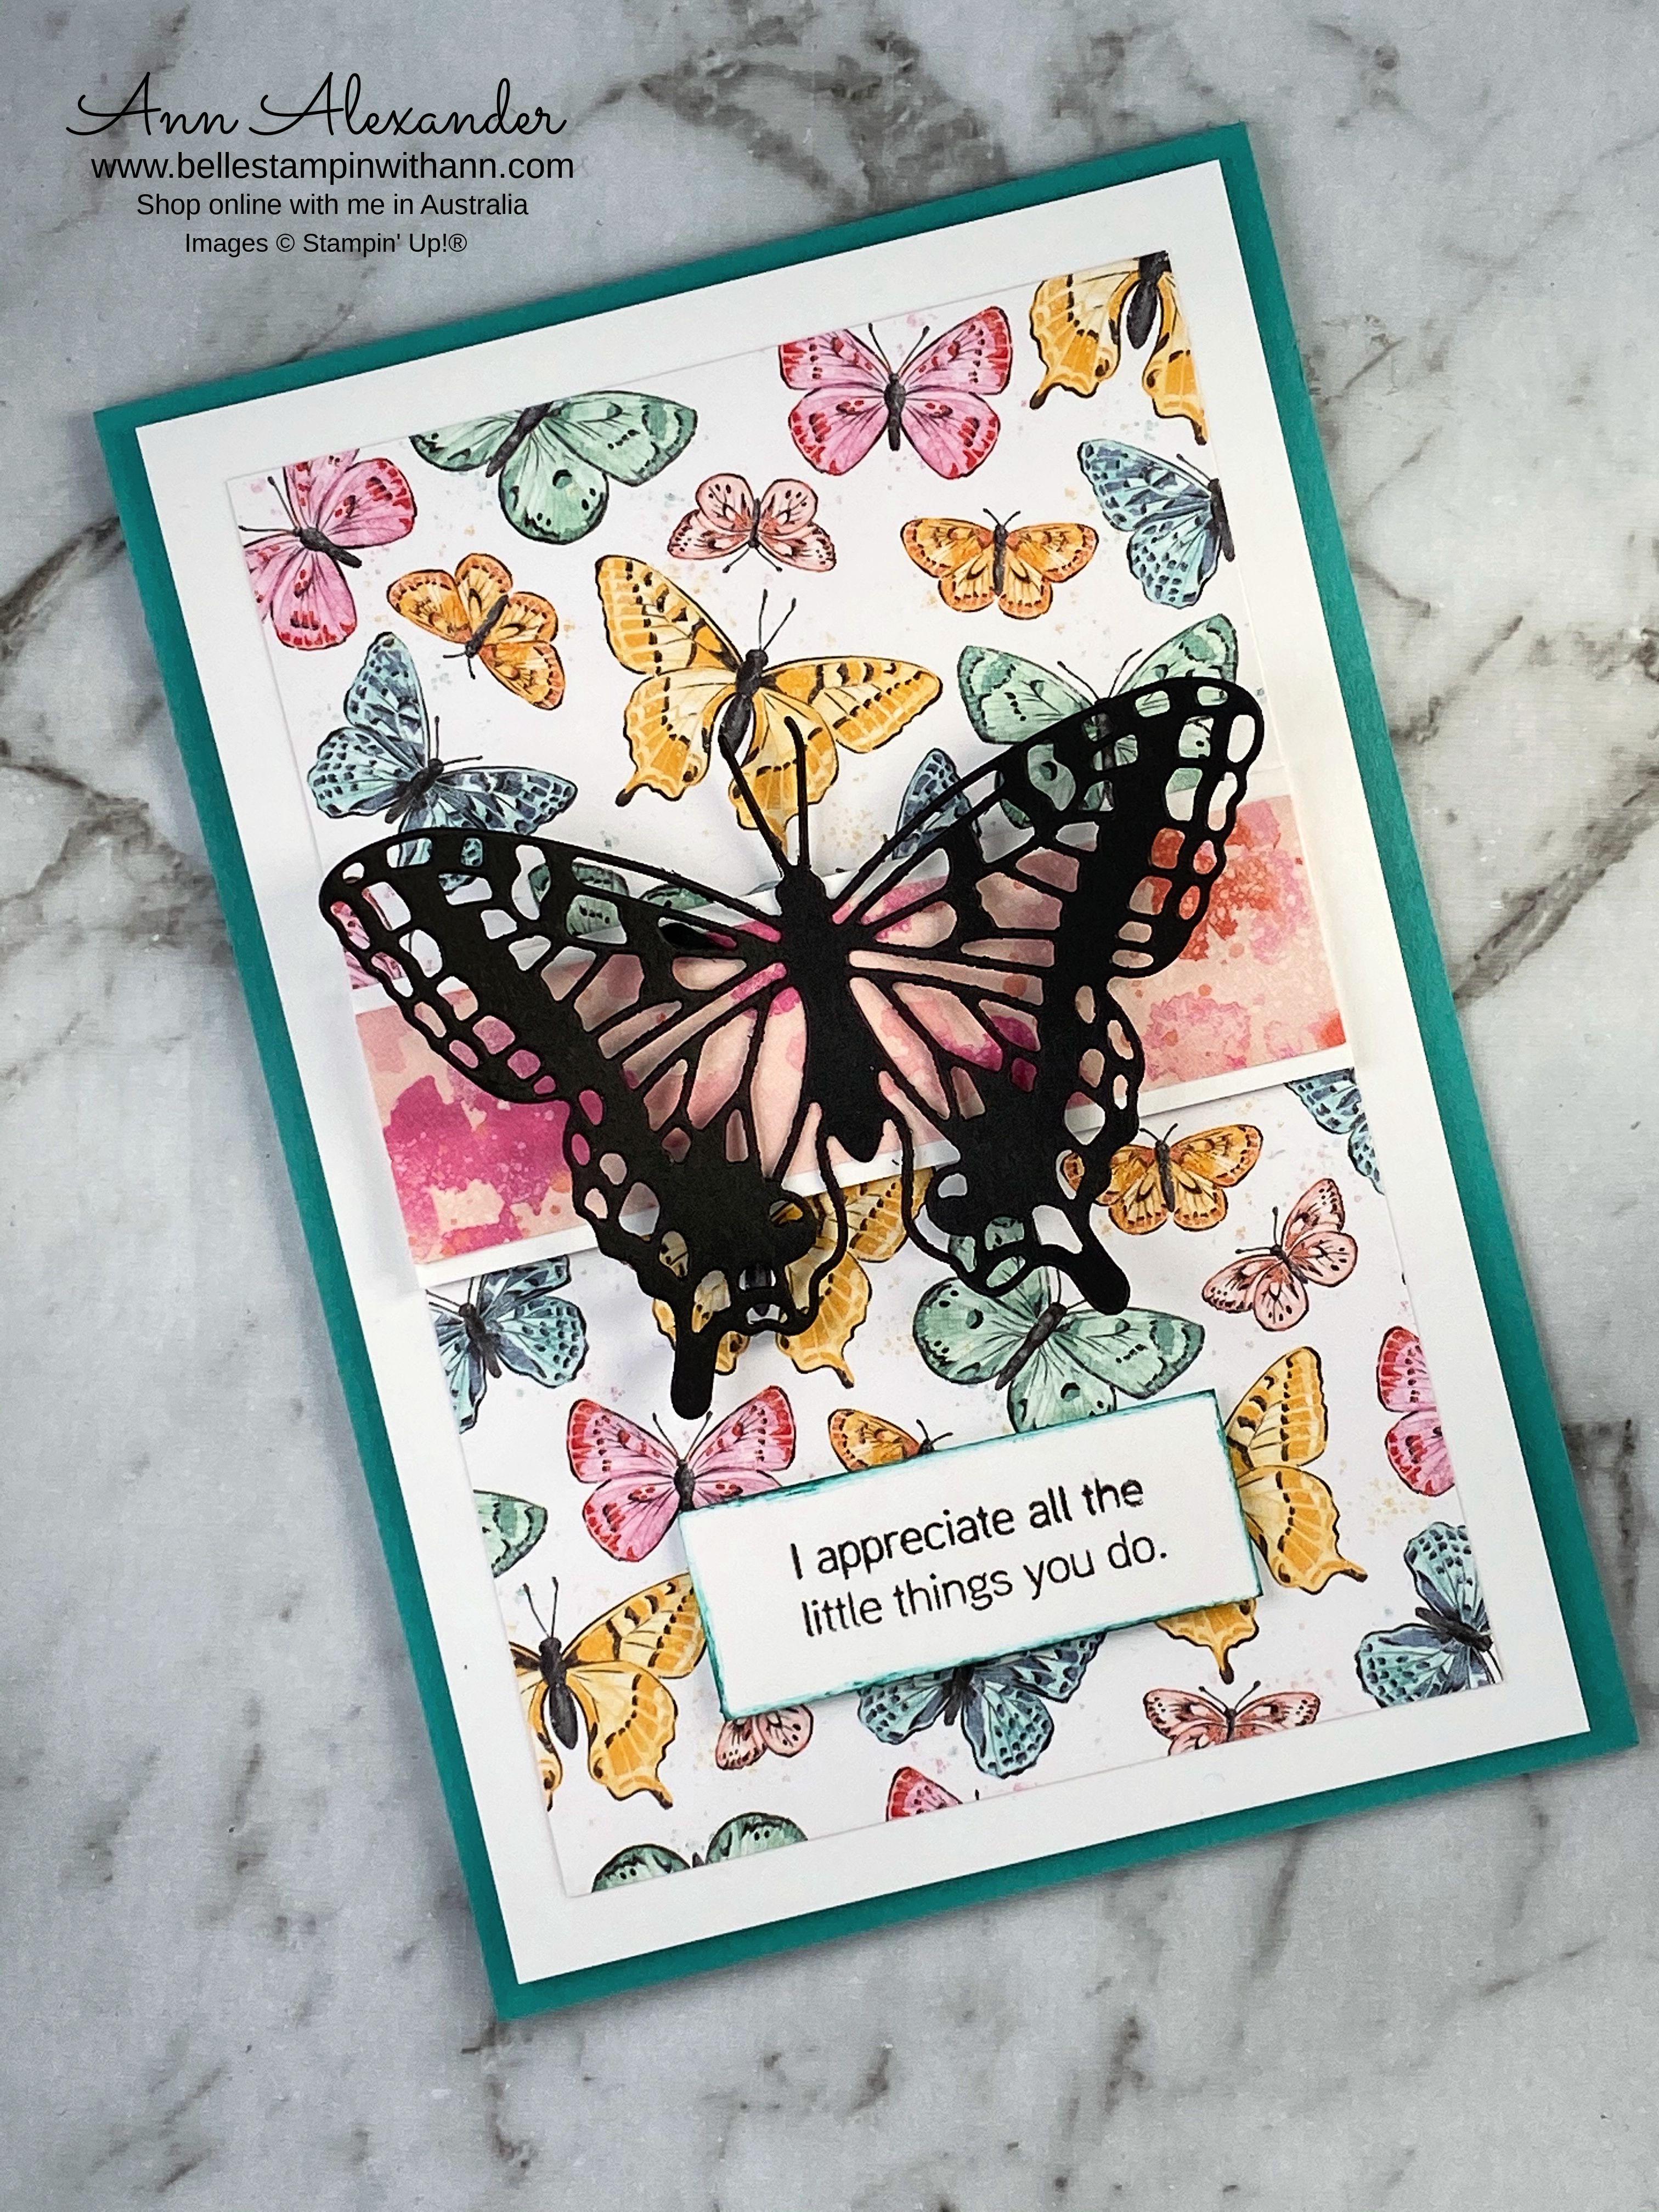 Ann Alexander - Butterfly Bouquet - Stampin' Up!